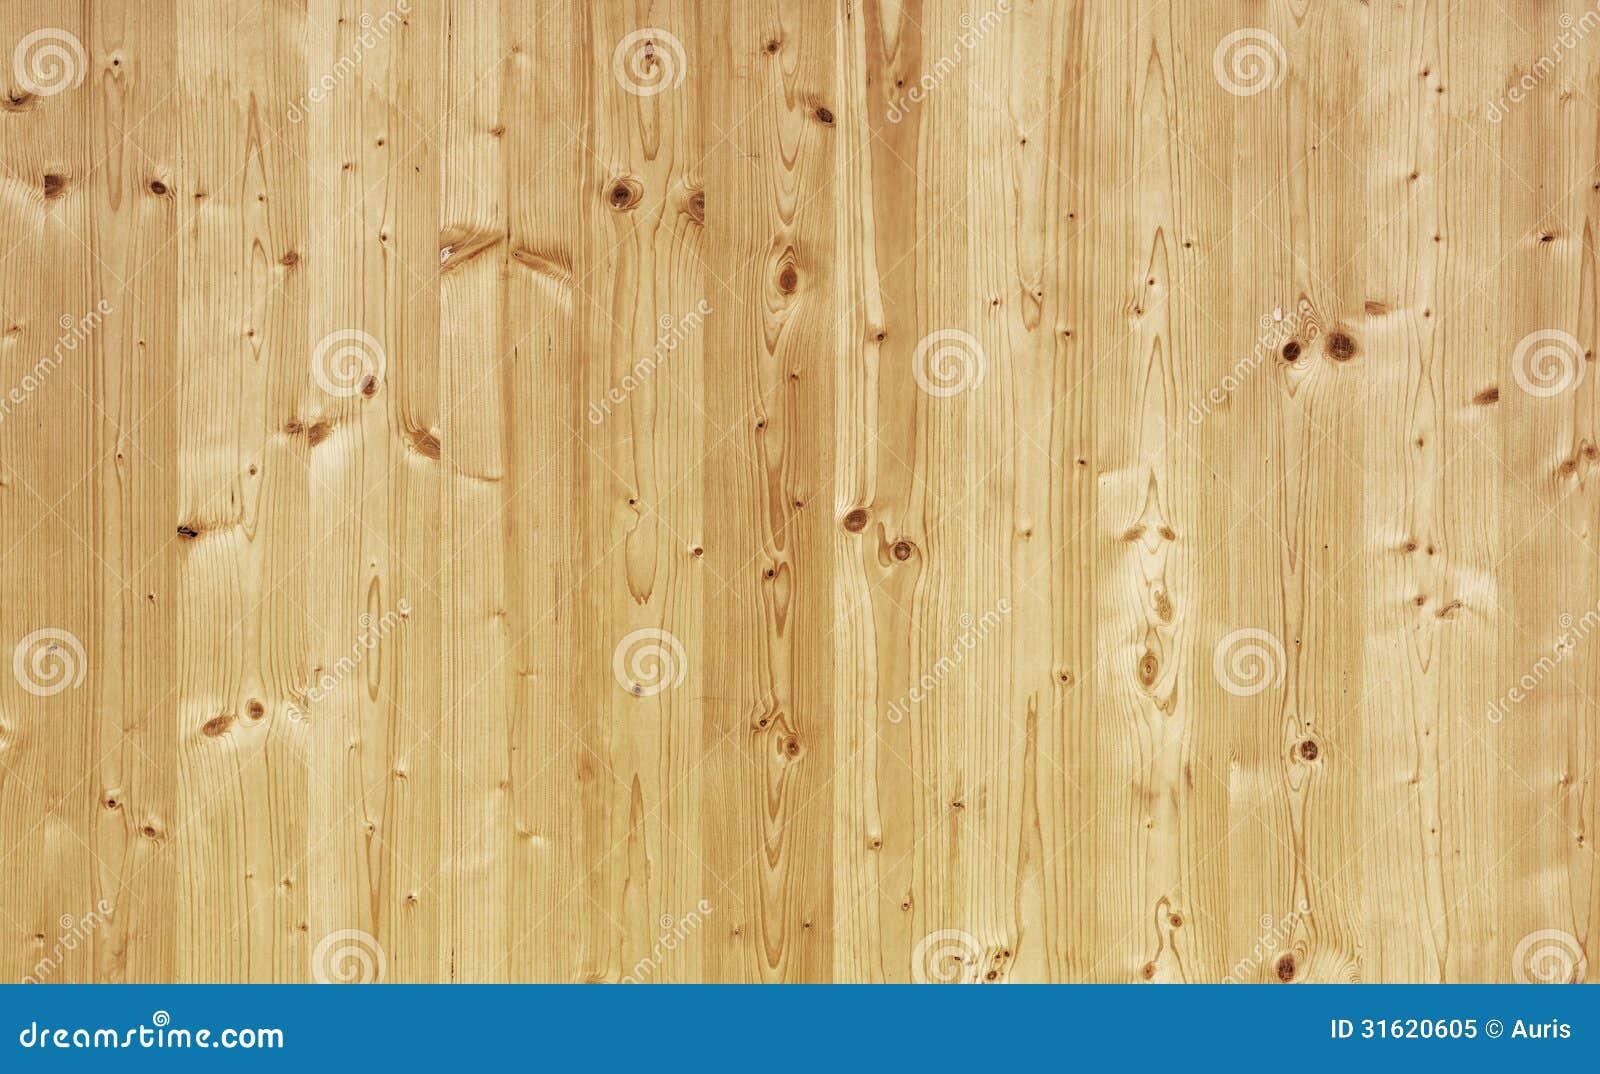 texture de panneau en bois de pin photo libre de droits image 31620605. Black Bedroom Furniture Sets. Home Design Ideas